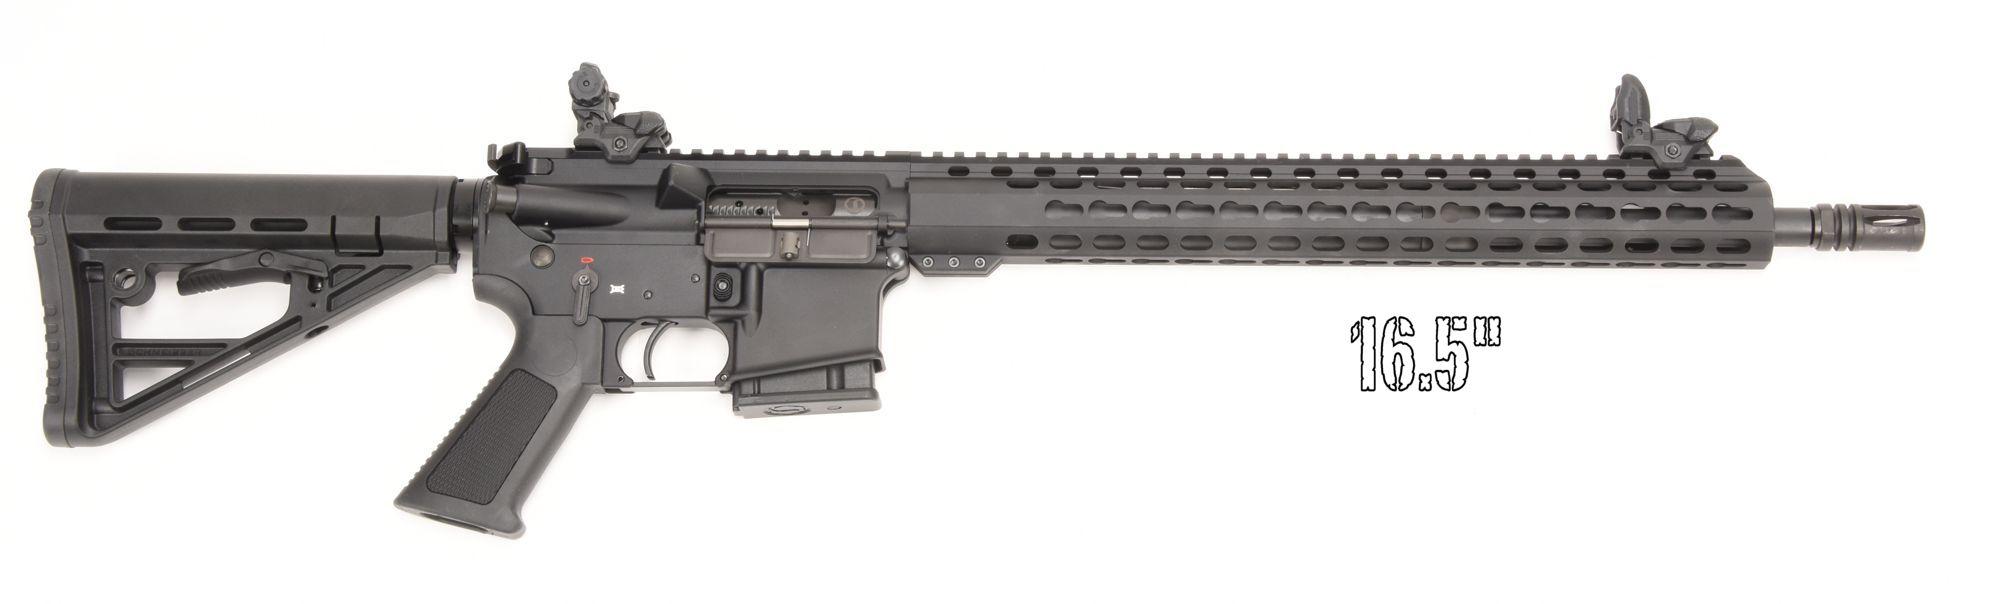 SCHMEISSER AR15 Keymod calibre 223R